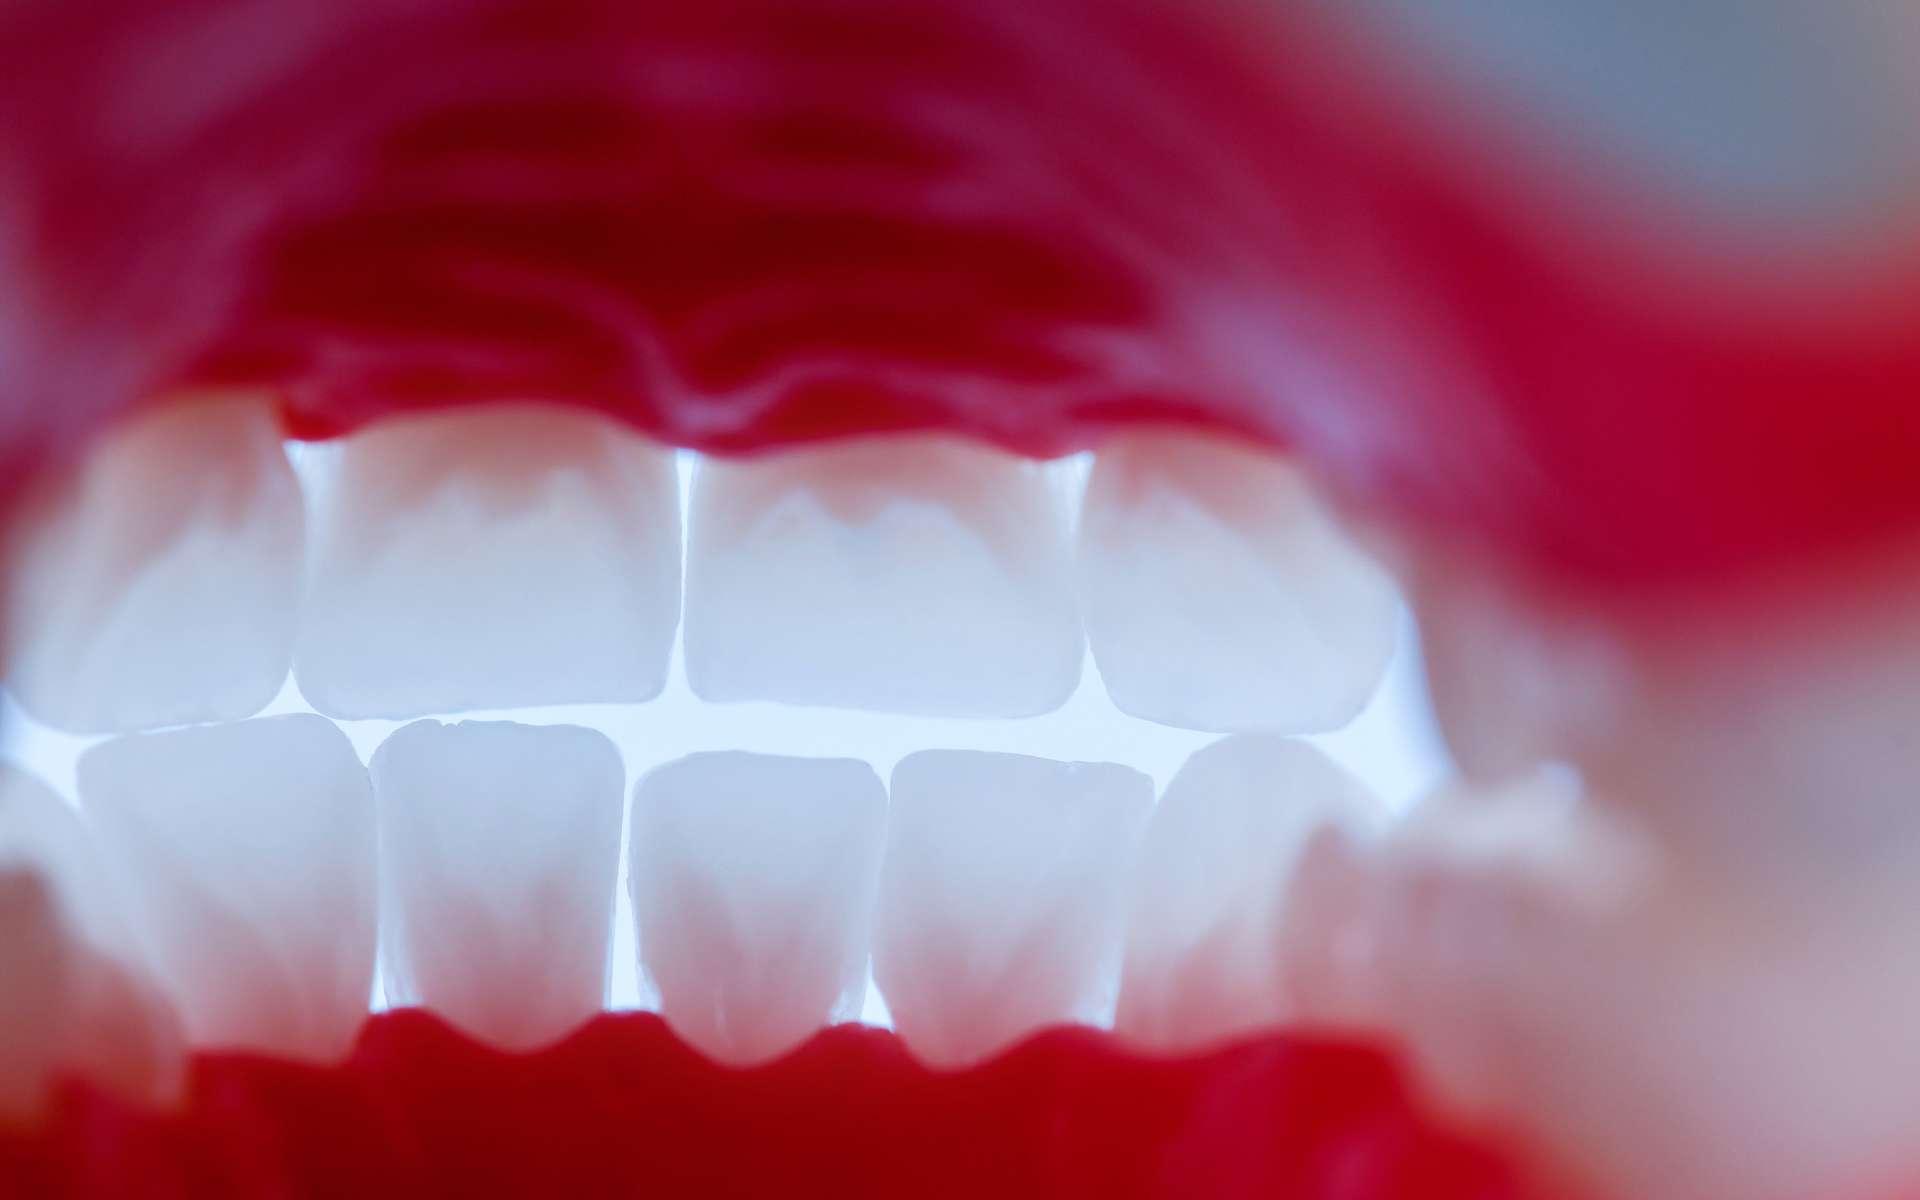 La présence de poils dans la bouche est exceptionnelle. © shock, Adobe Stock